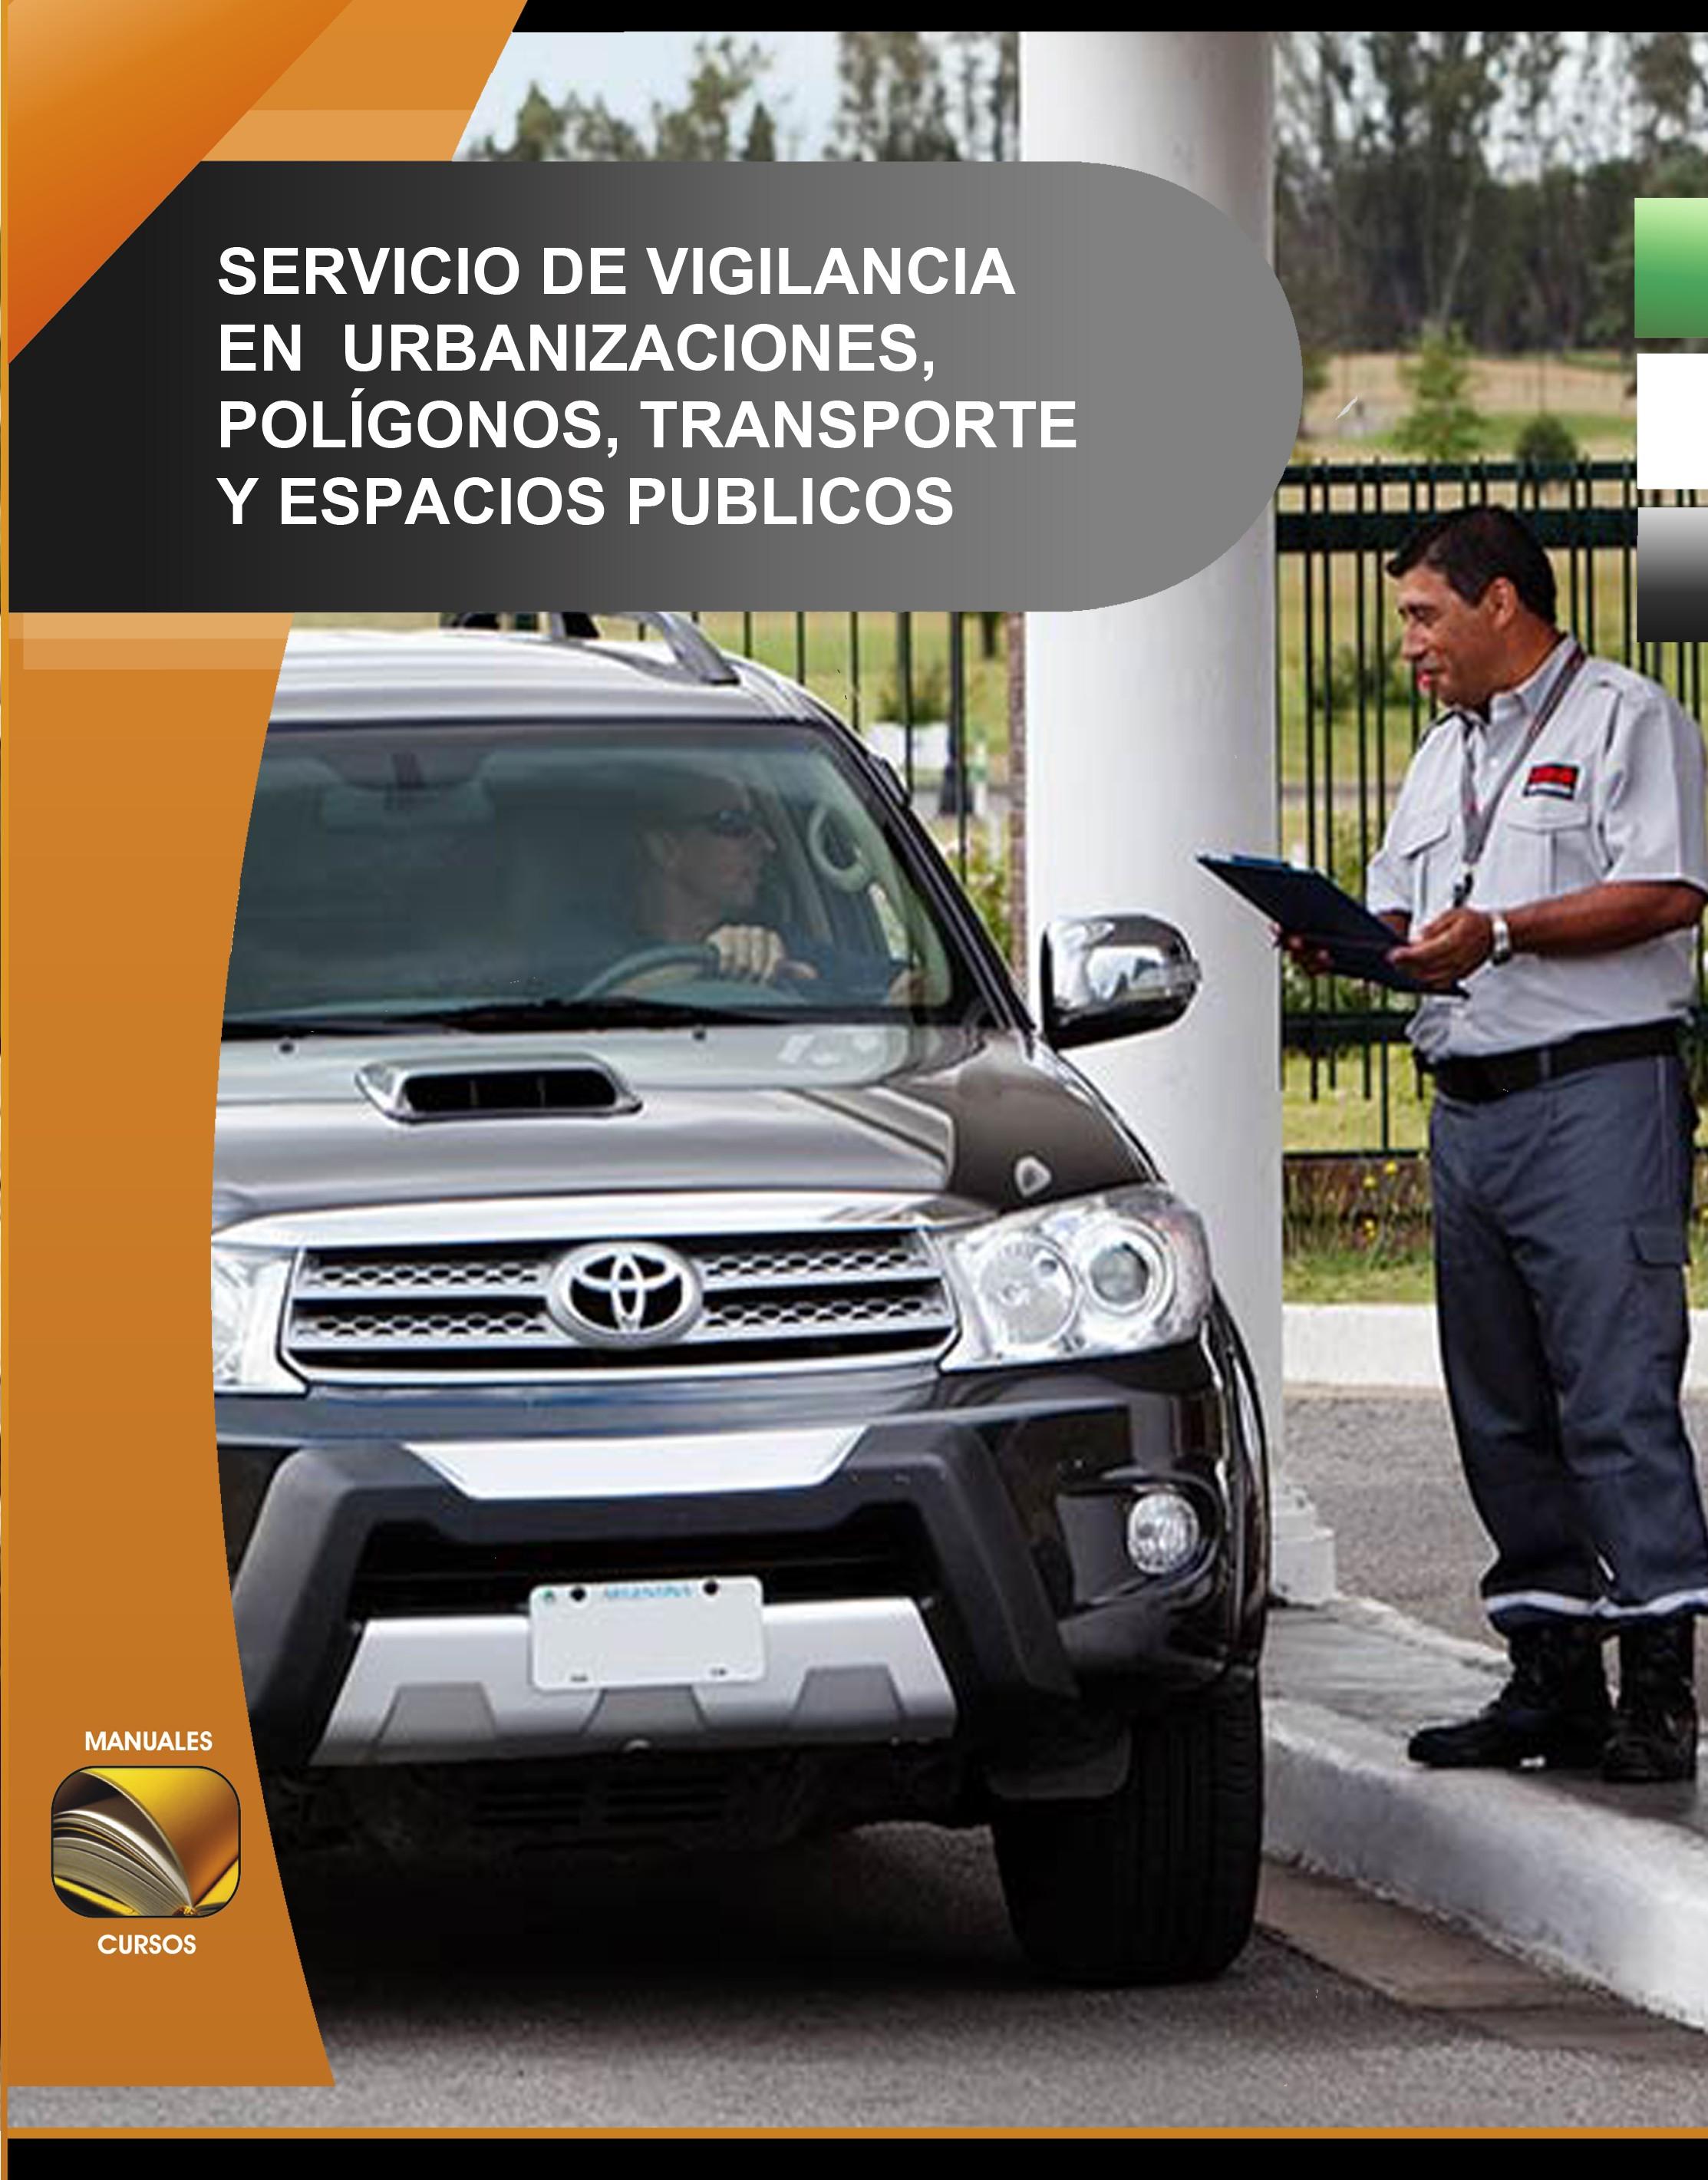 018. Servicio de Vigilancia en Urbanizaciones, Polígonos, Transporte y Espacios Públicos